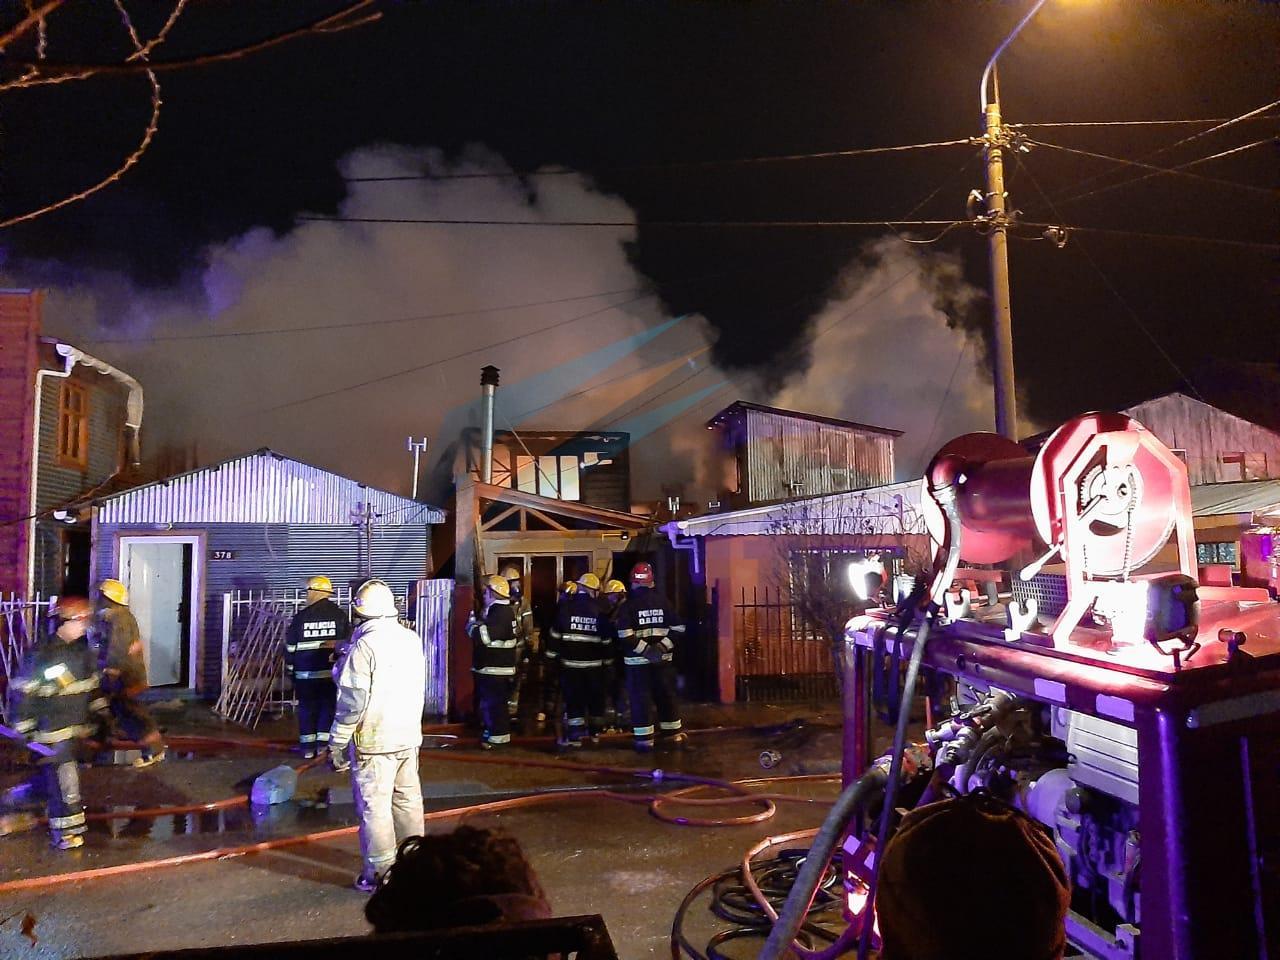 Varias viviendas afectadas en dantesco incendio en el casco viejo de la ciudad de Río Grande